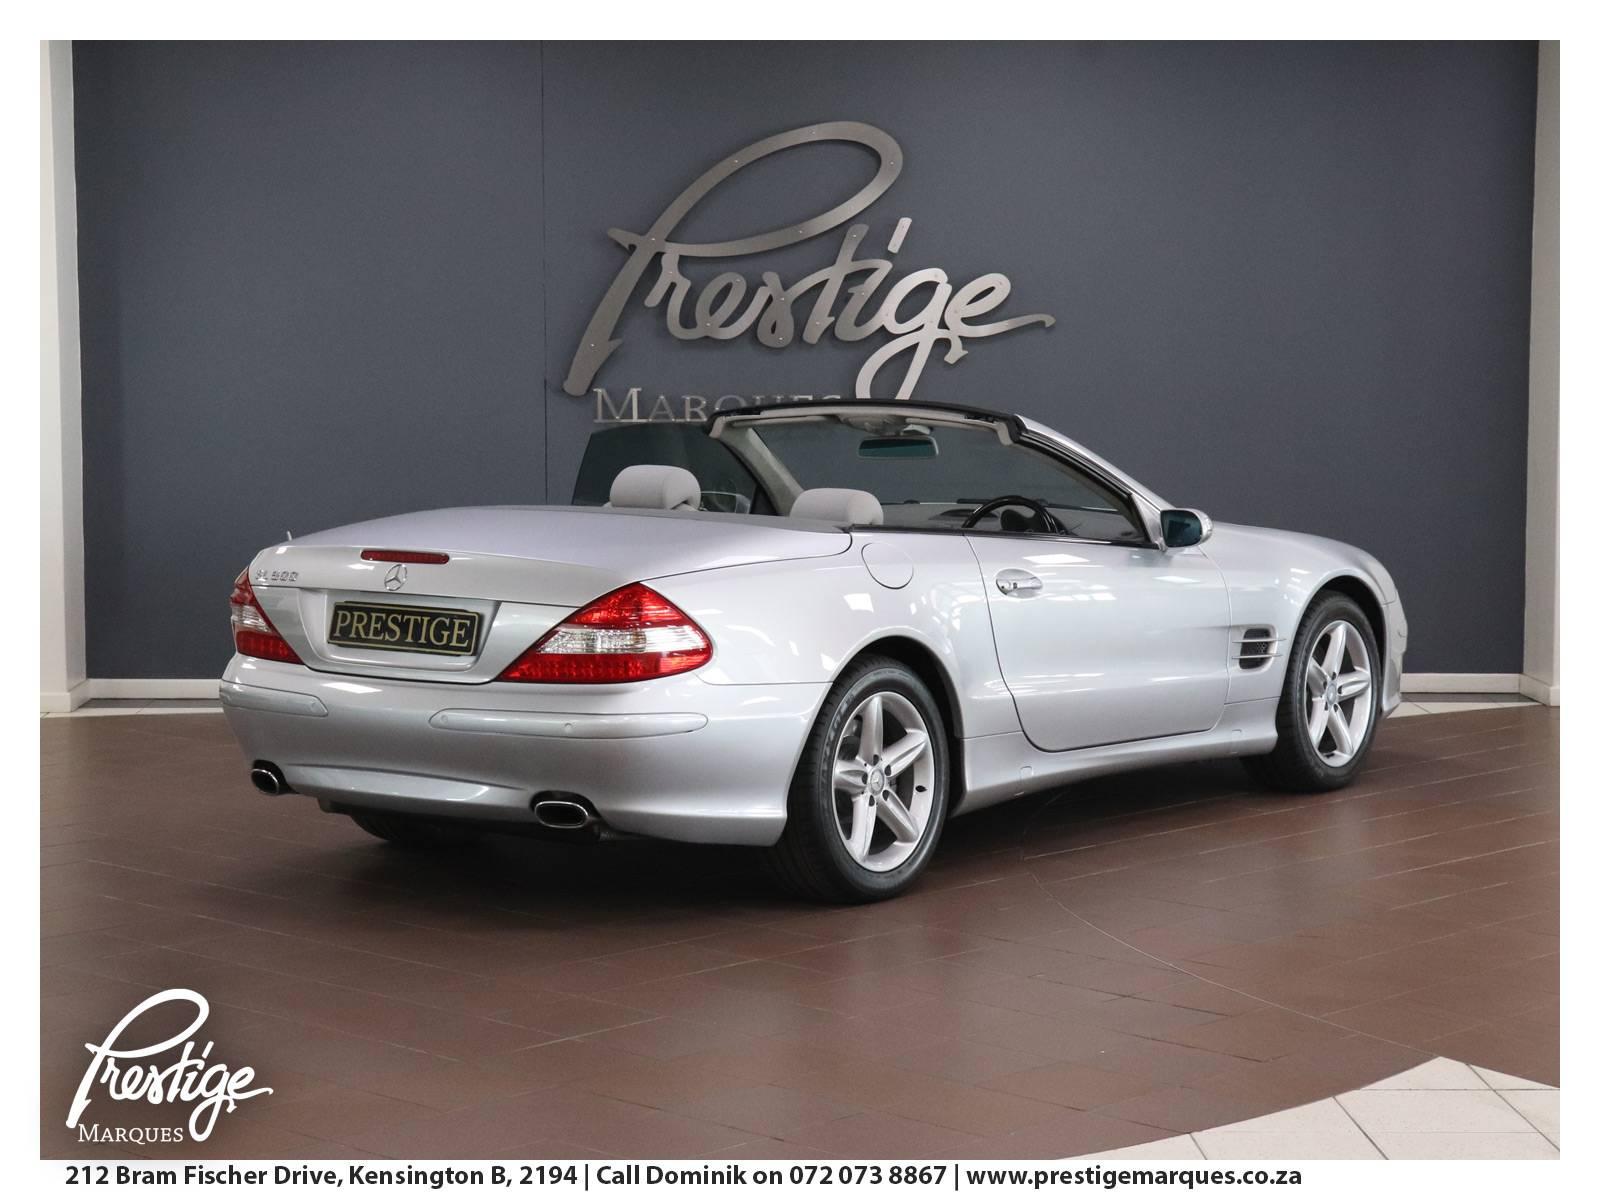 2007-Mercedes-benz-sl500-203-facelift-Prestige-Marques-Randburg-Sandton-6